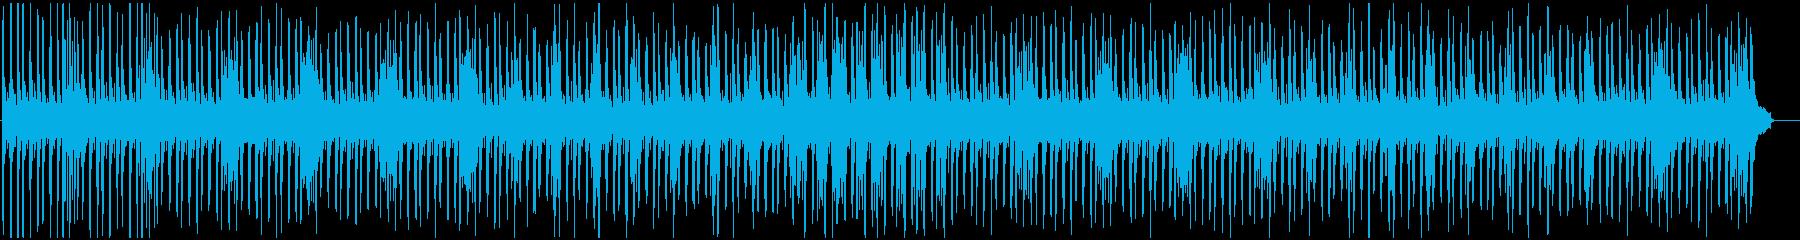 ほのぼの日常BGM バイオリン無しの再生済みの波形